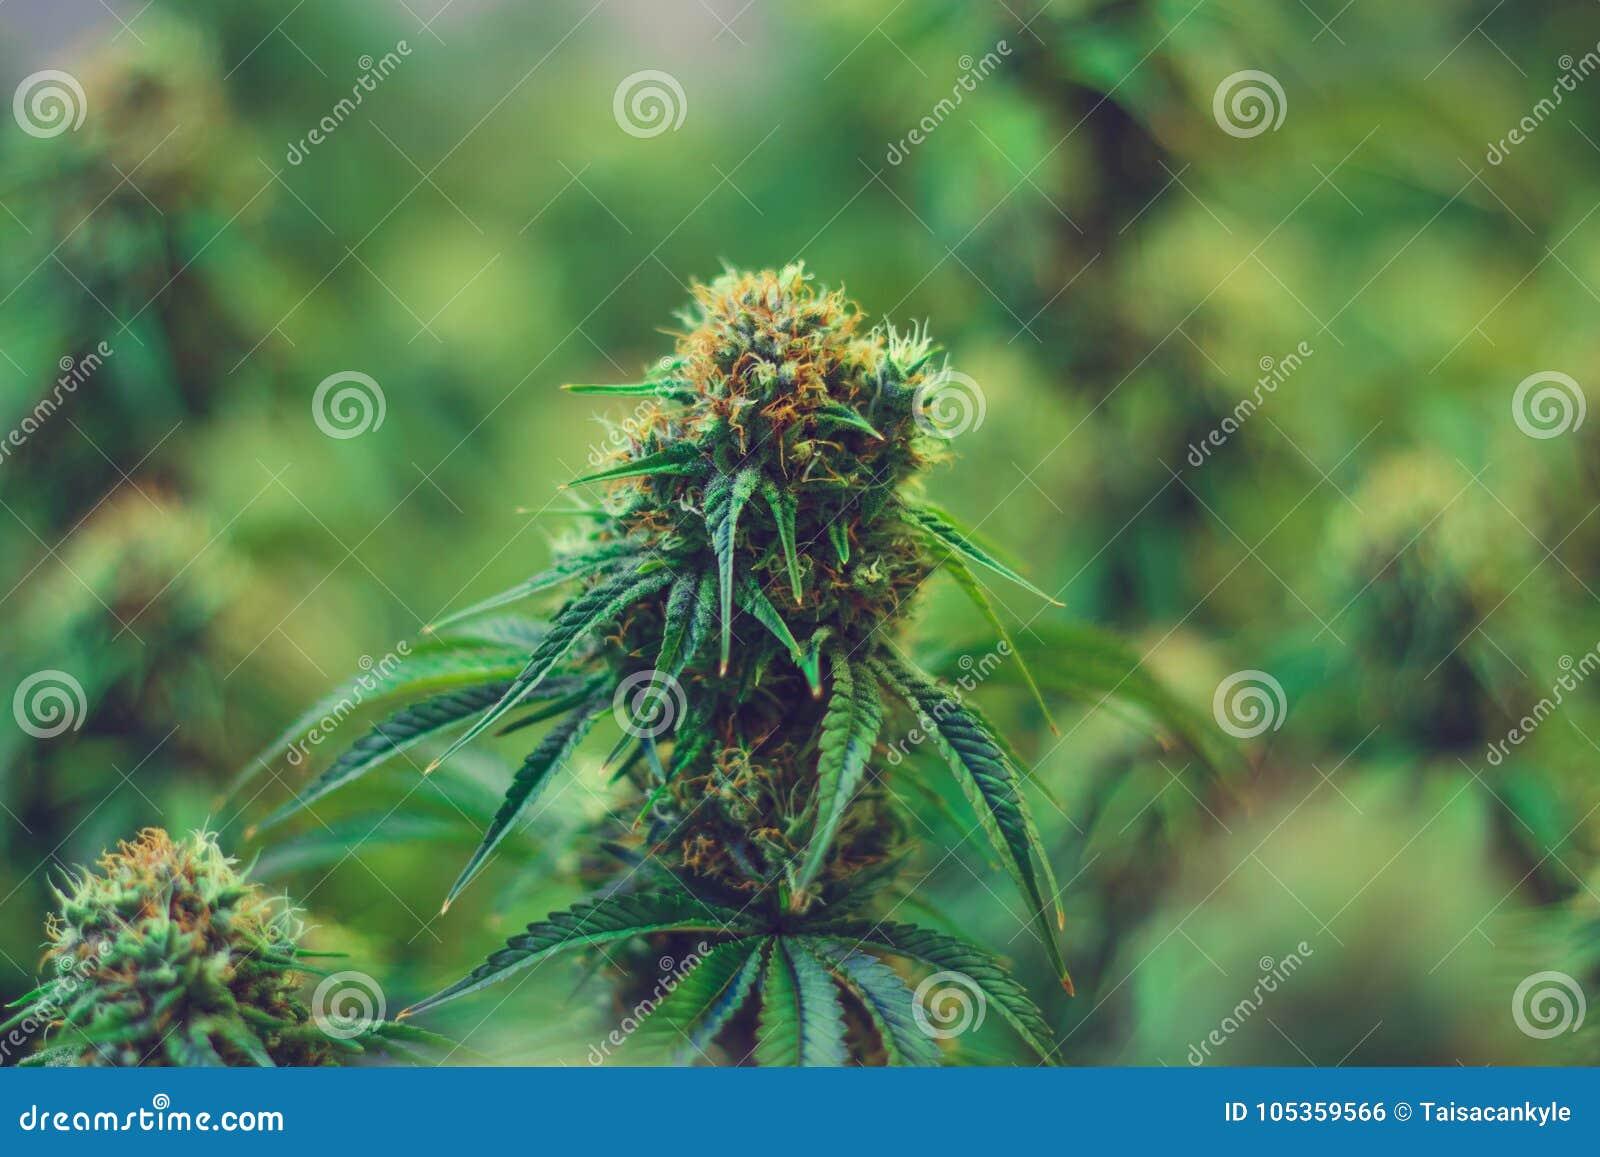 Νομική γεωργία μαριχουάνα για ιατρικούς λόγους